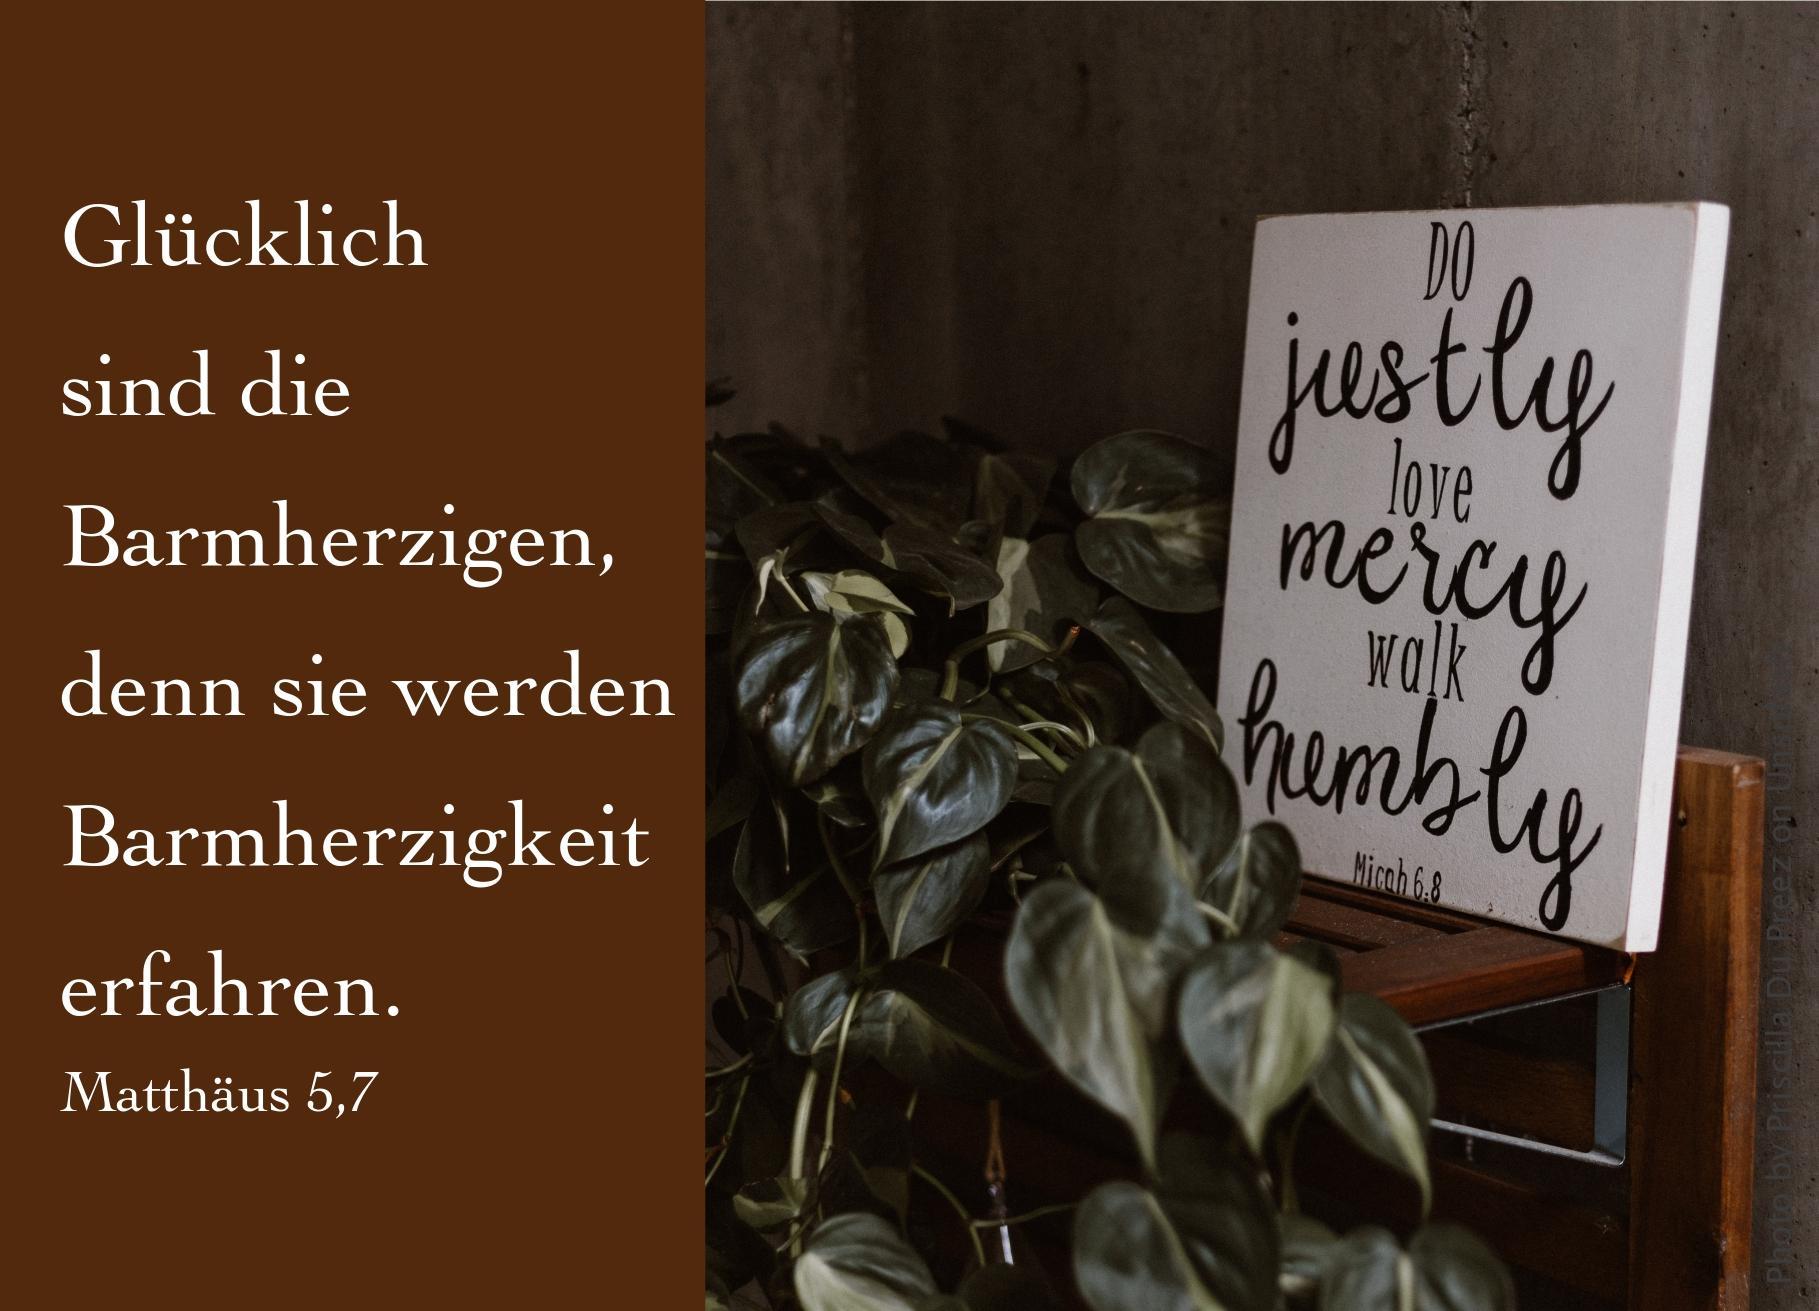 """alt=""""Zimmerpflanze_neben_weissem_schild_mit_bibelvers_erwartet_bibelhoerbuch_die_bergpredigt"""""""